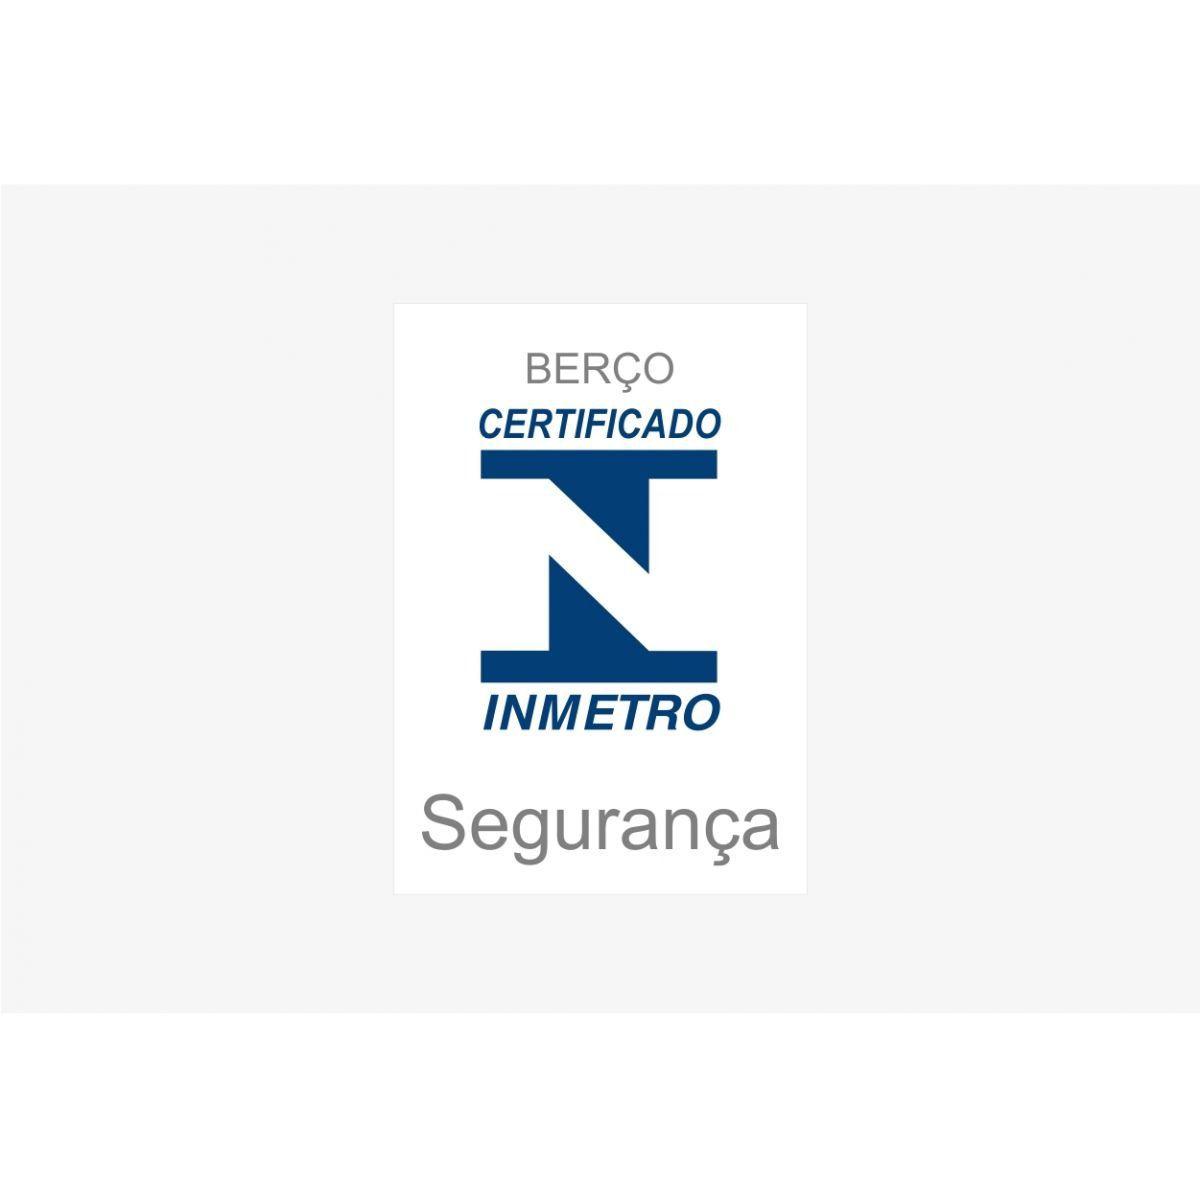 Jogo de Quarto Infantil com Guarda Roupa 03 Portas Lorena com Berço Certificado pelo Inmetro Bambini - Phoenix Baby